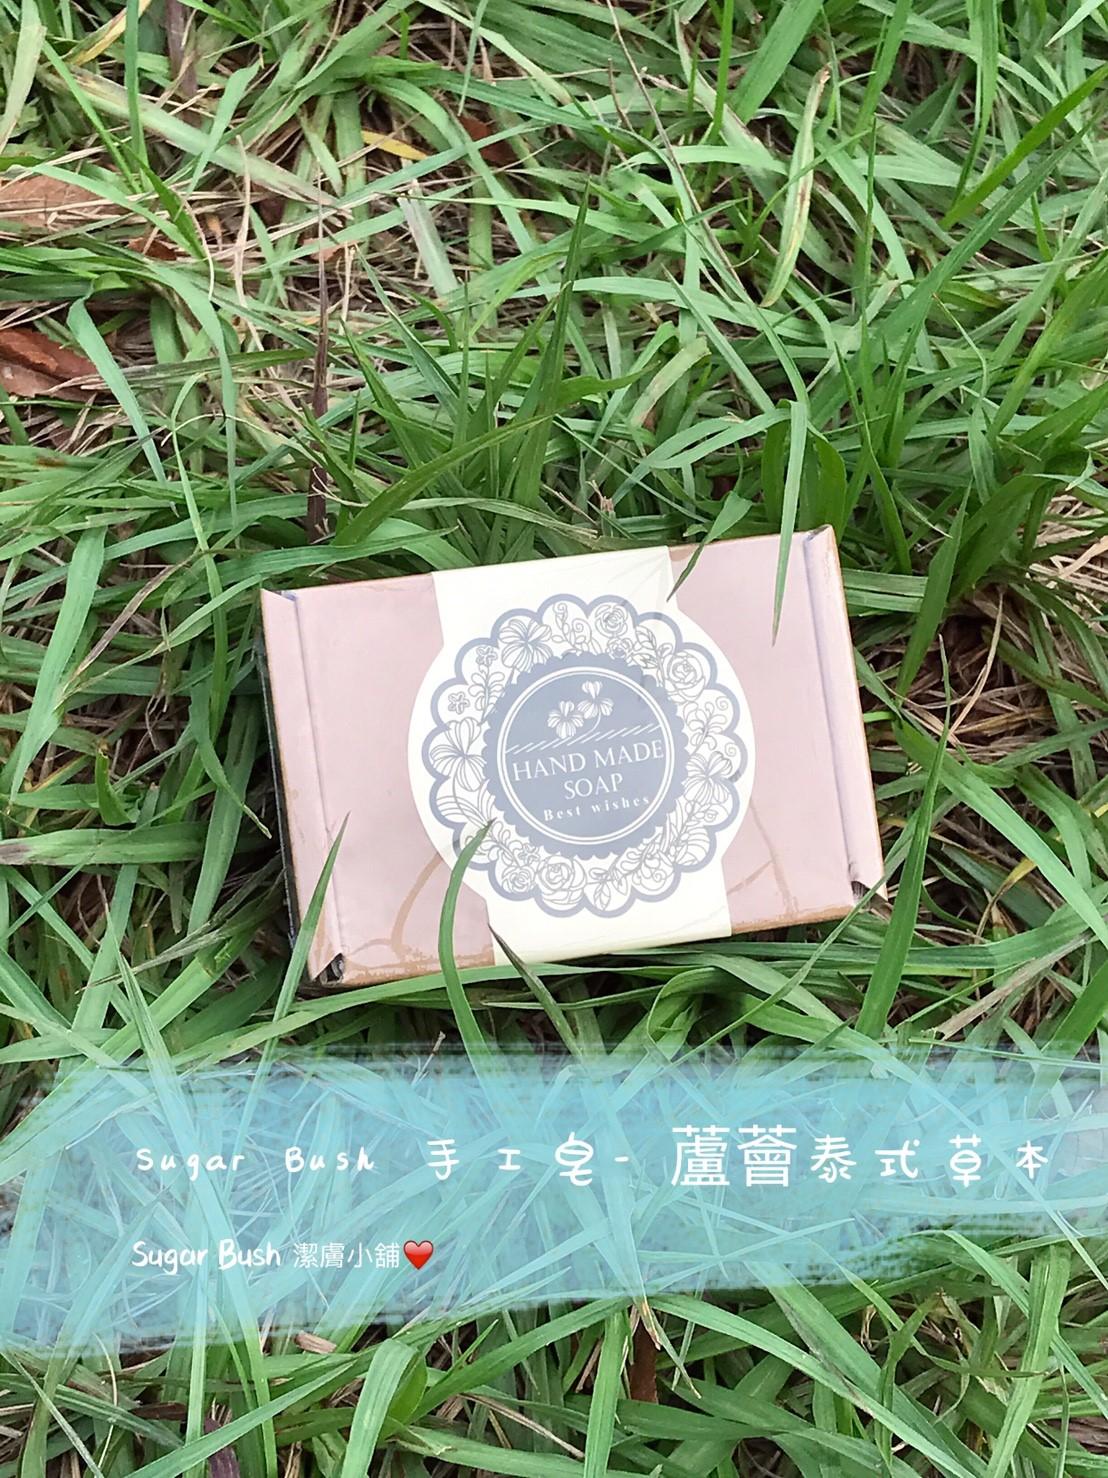 ✨限時下殺7折‼️Sugar Bush❤️️蘆薈泰式草本天然手工皂